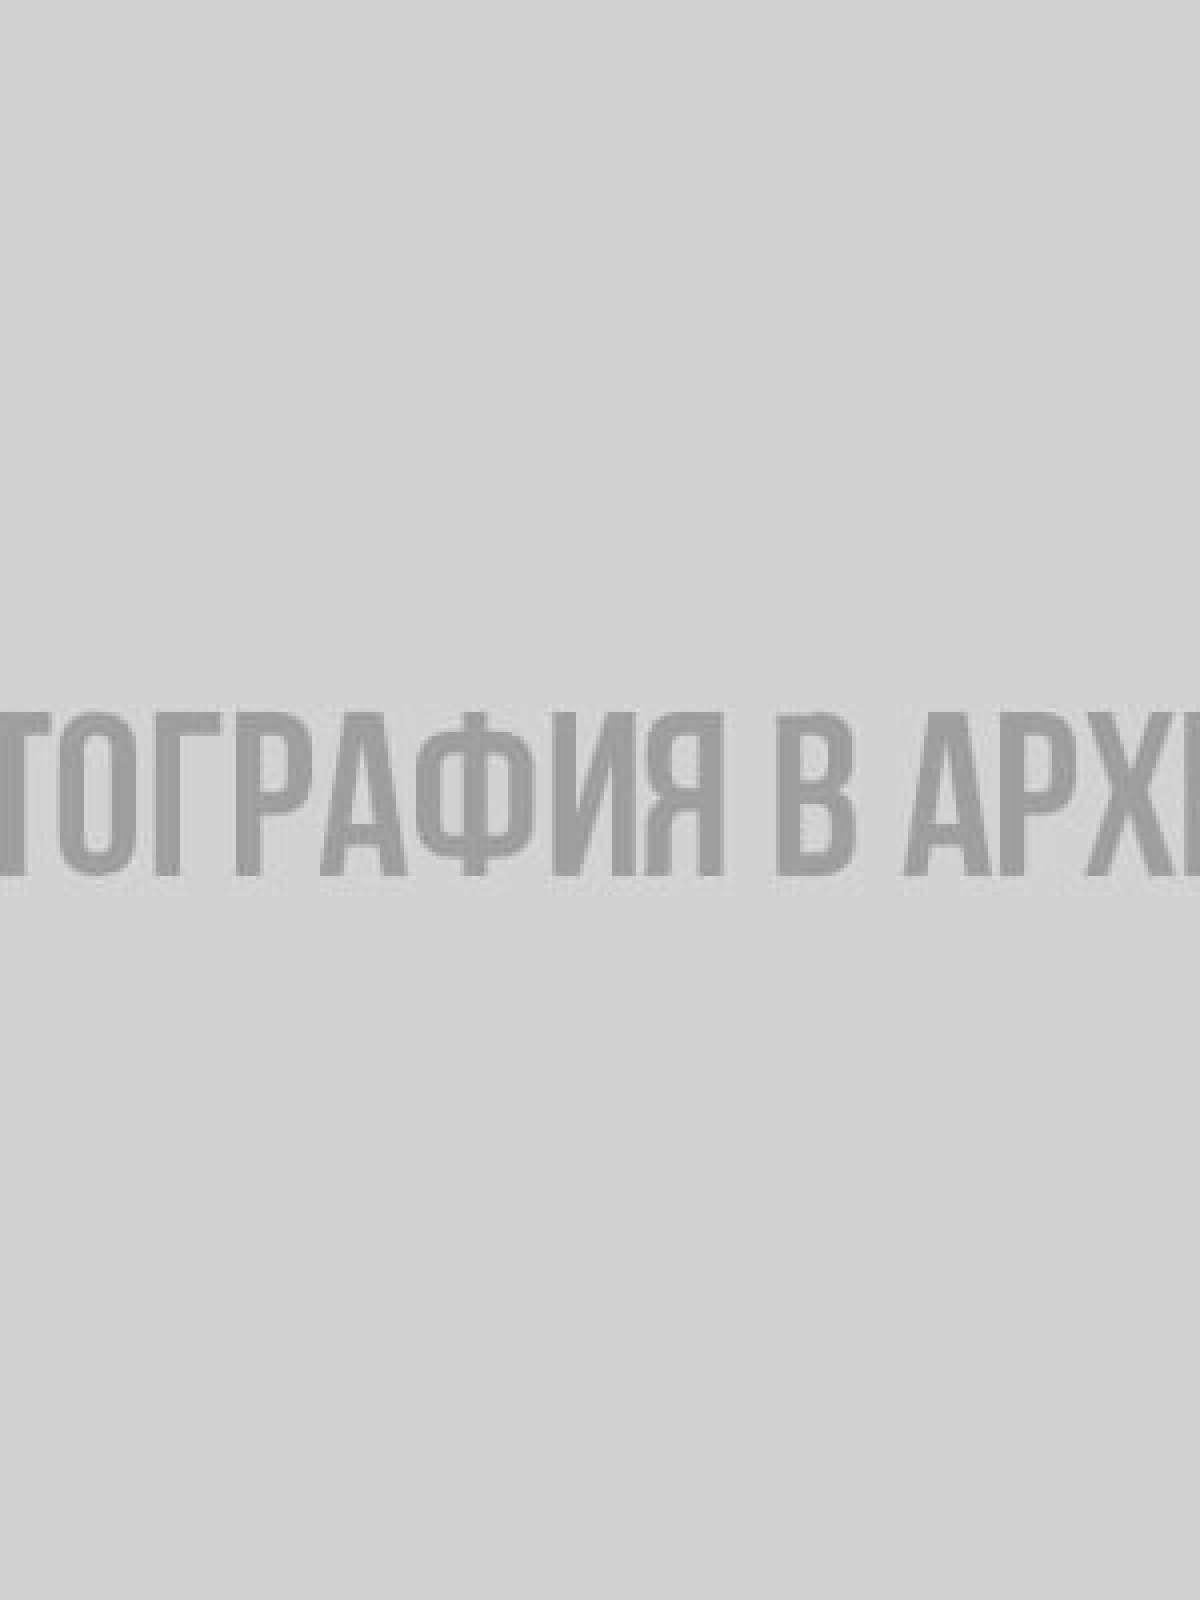 Фото, видео: в Петербурге на дороге дотла сгорел пассажирский автобус Петербург, автобус с пассажирами, автобус